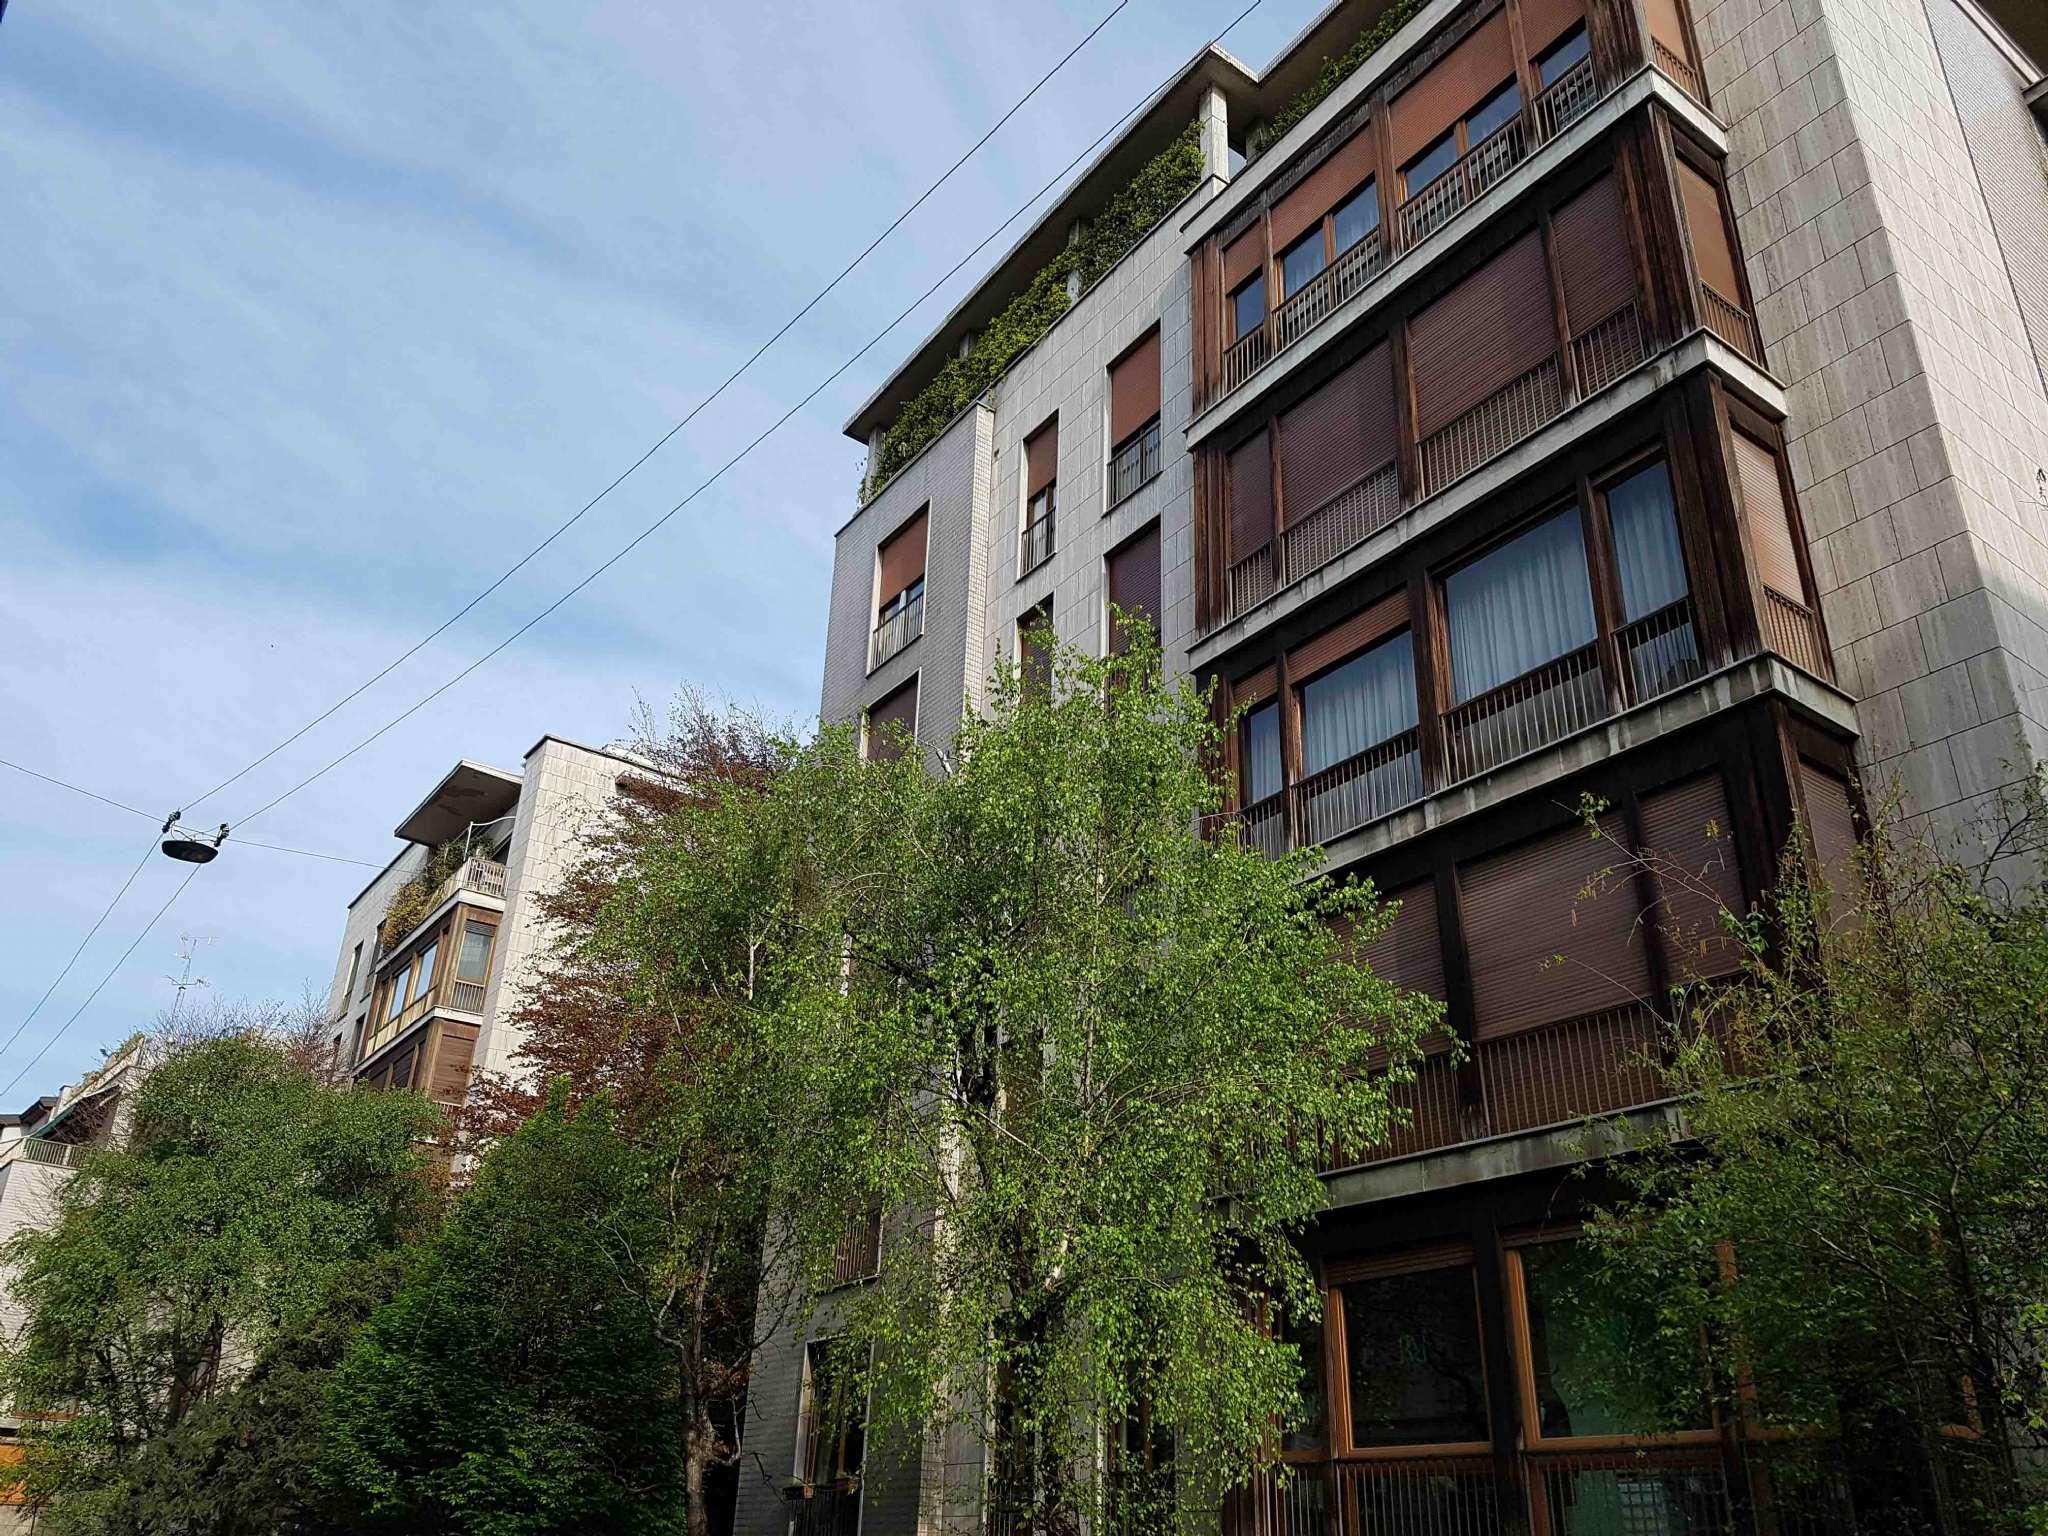 Appartamento in vendita a Milano, 6 locali, zona Zona: 8 . Bocconi, C.so Italia, Ticinese, Bligny, prezzo € 1.250.000 | Cambio Casa.it